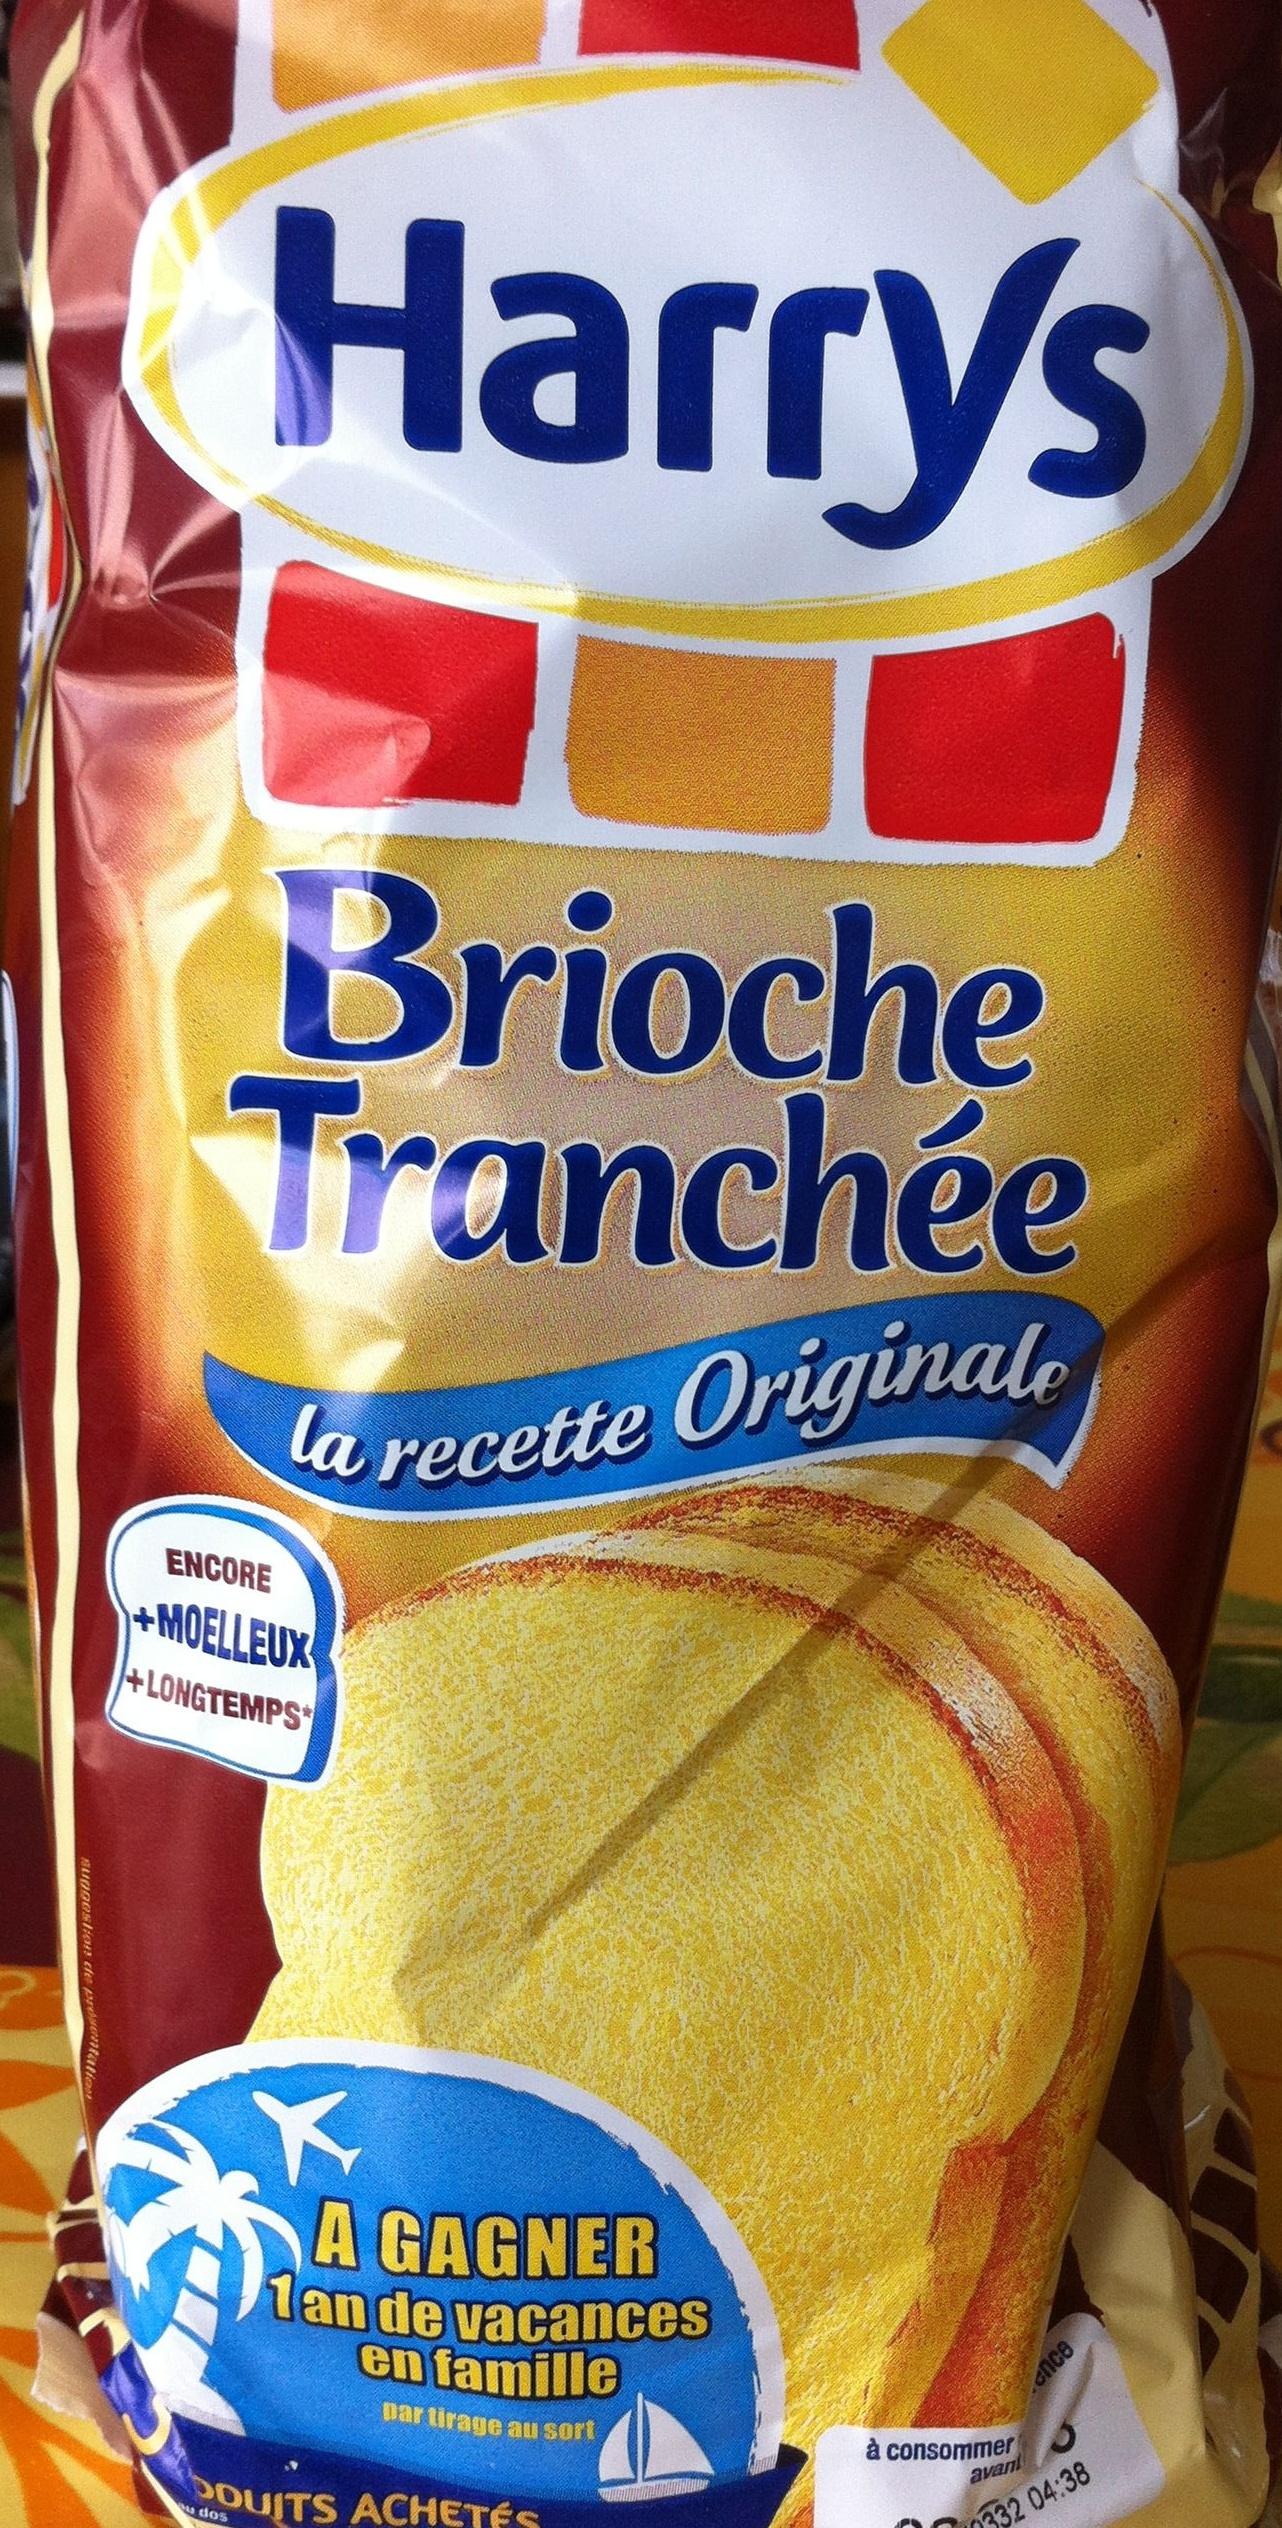 La recette Originale - Brioche Tranchée - Product - fr